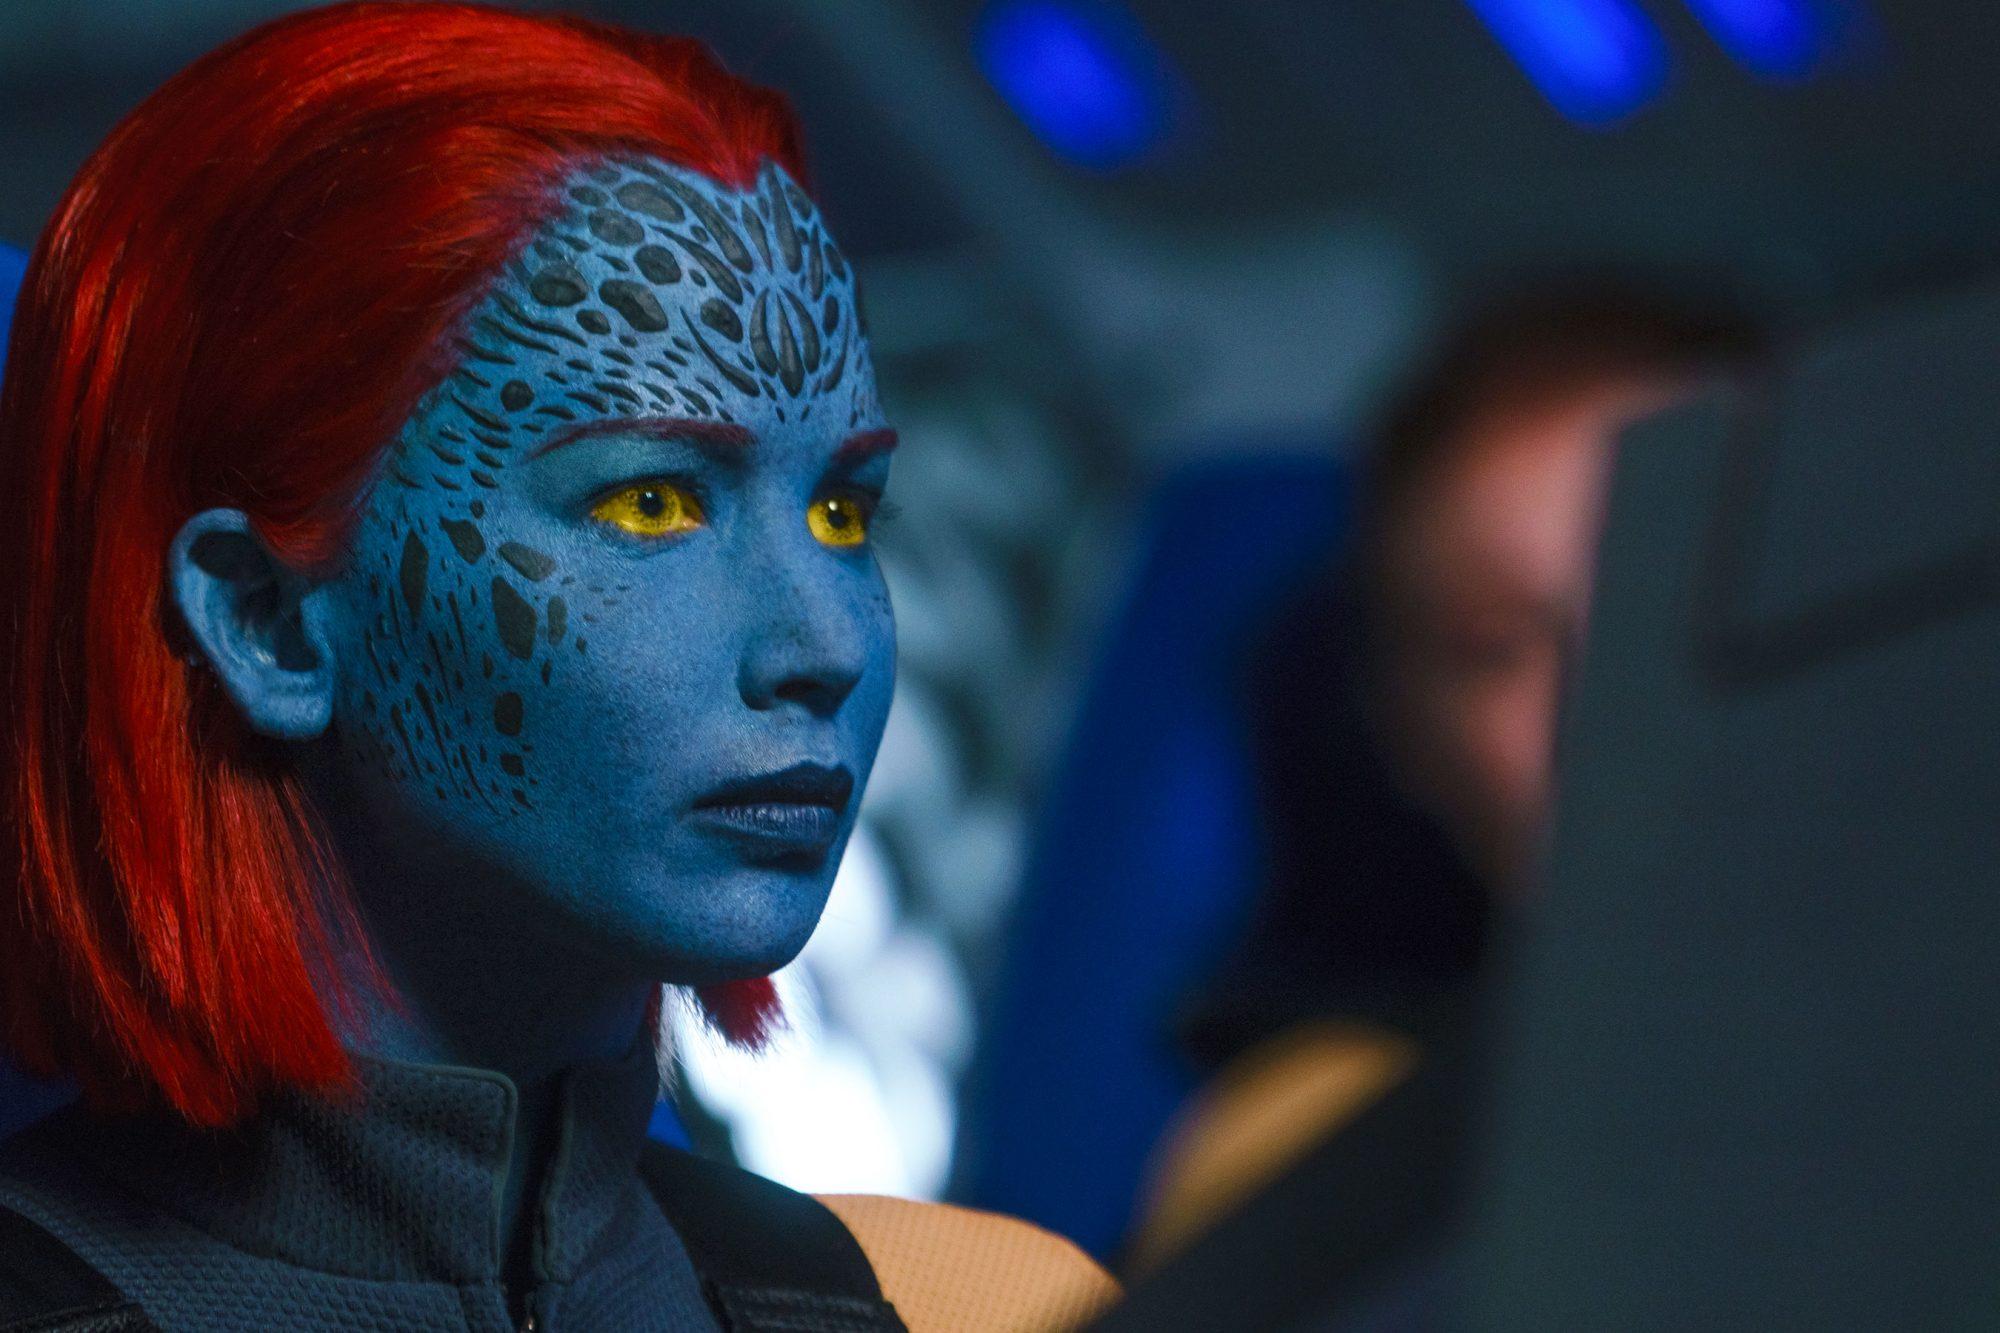 X-Men: Dark PhoenixJennifer Lawrence